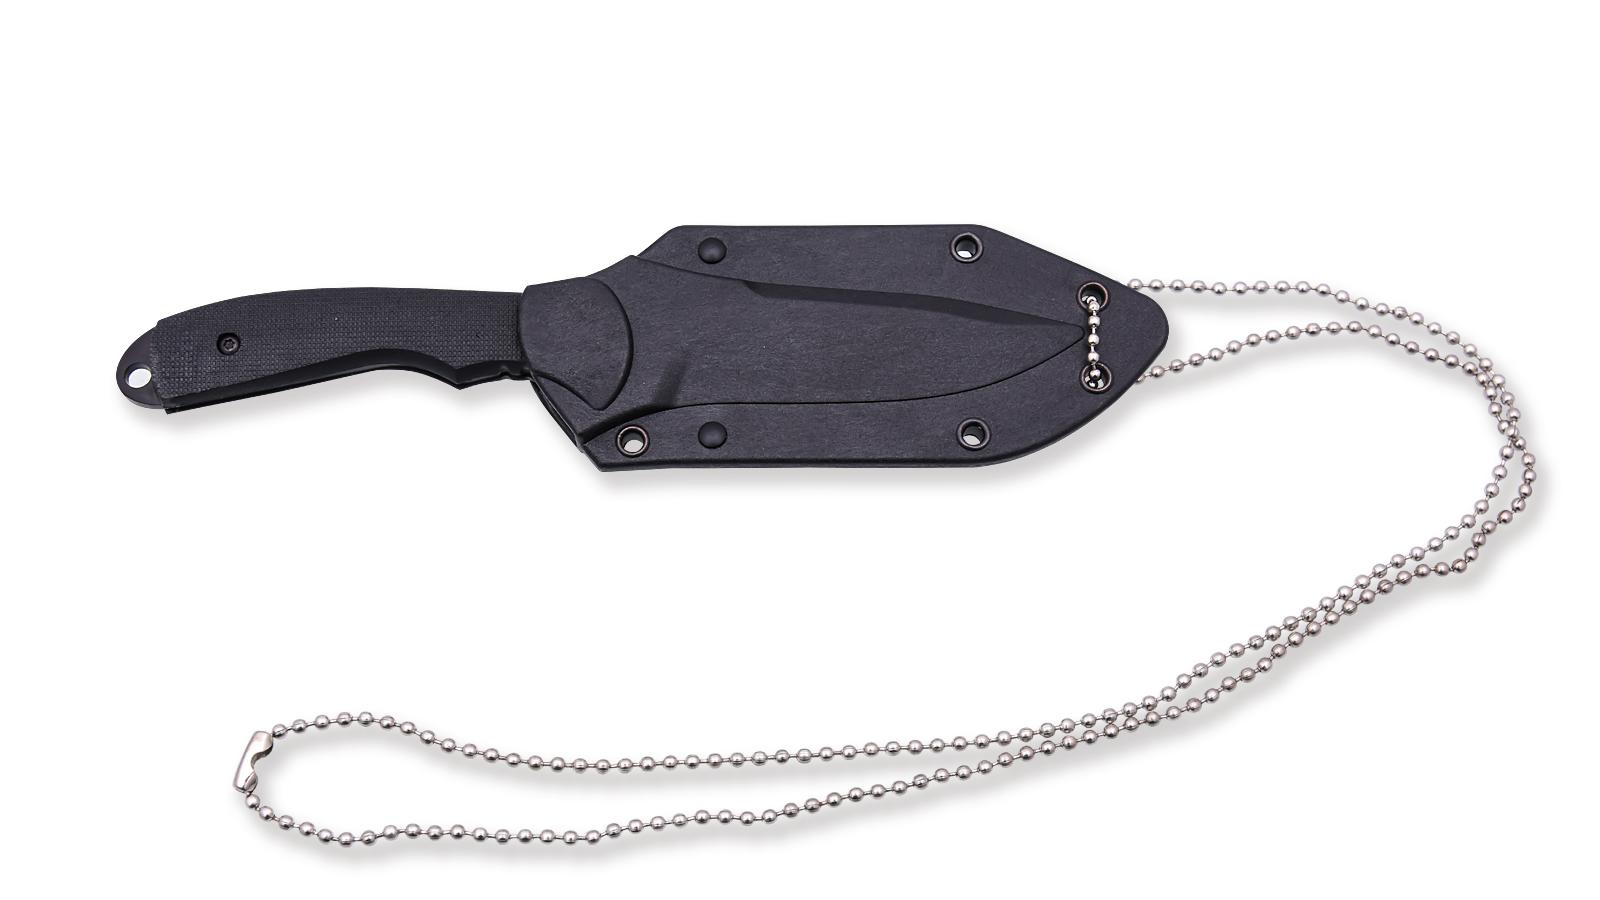 Нож Timberline Mini Pit Bull высокого качества